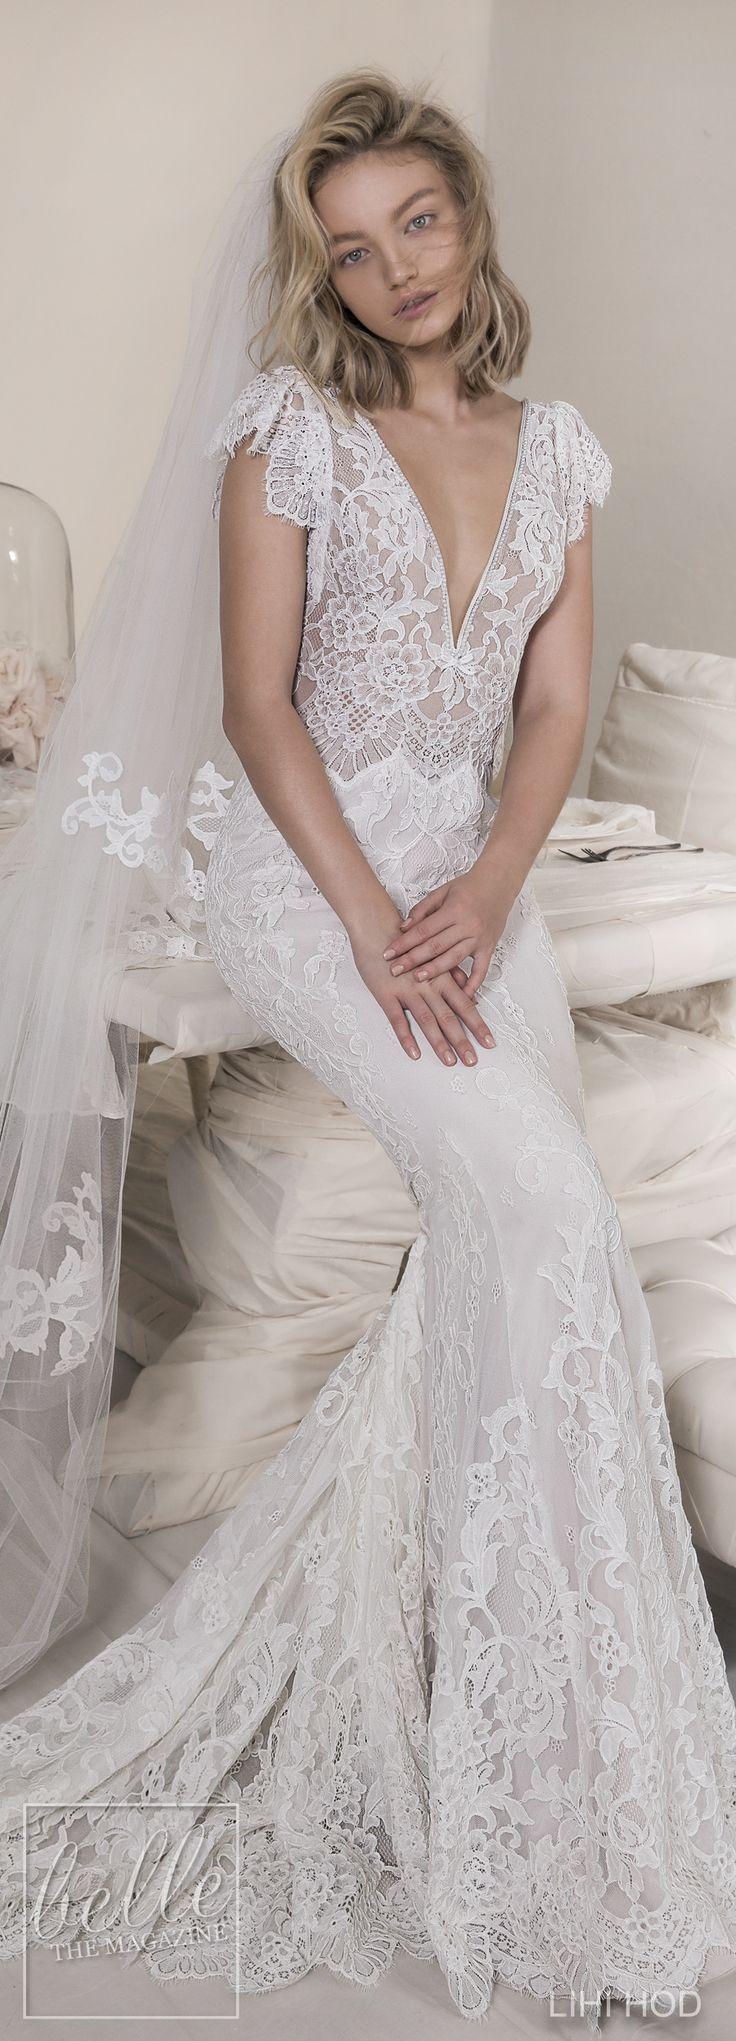 1650 best Hochzeit images on Pinterest   Craft ideas, Wedding ideas ...